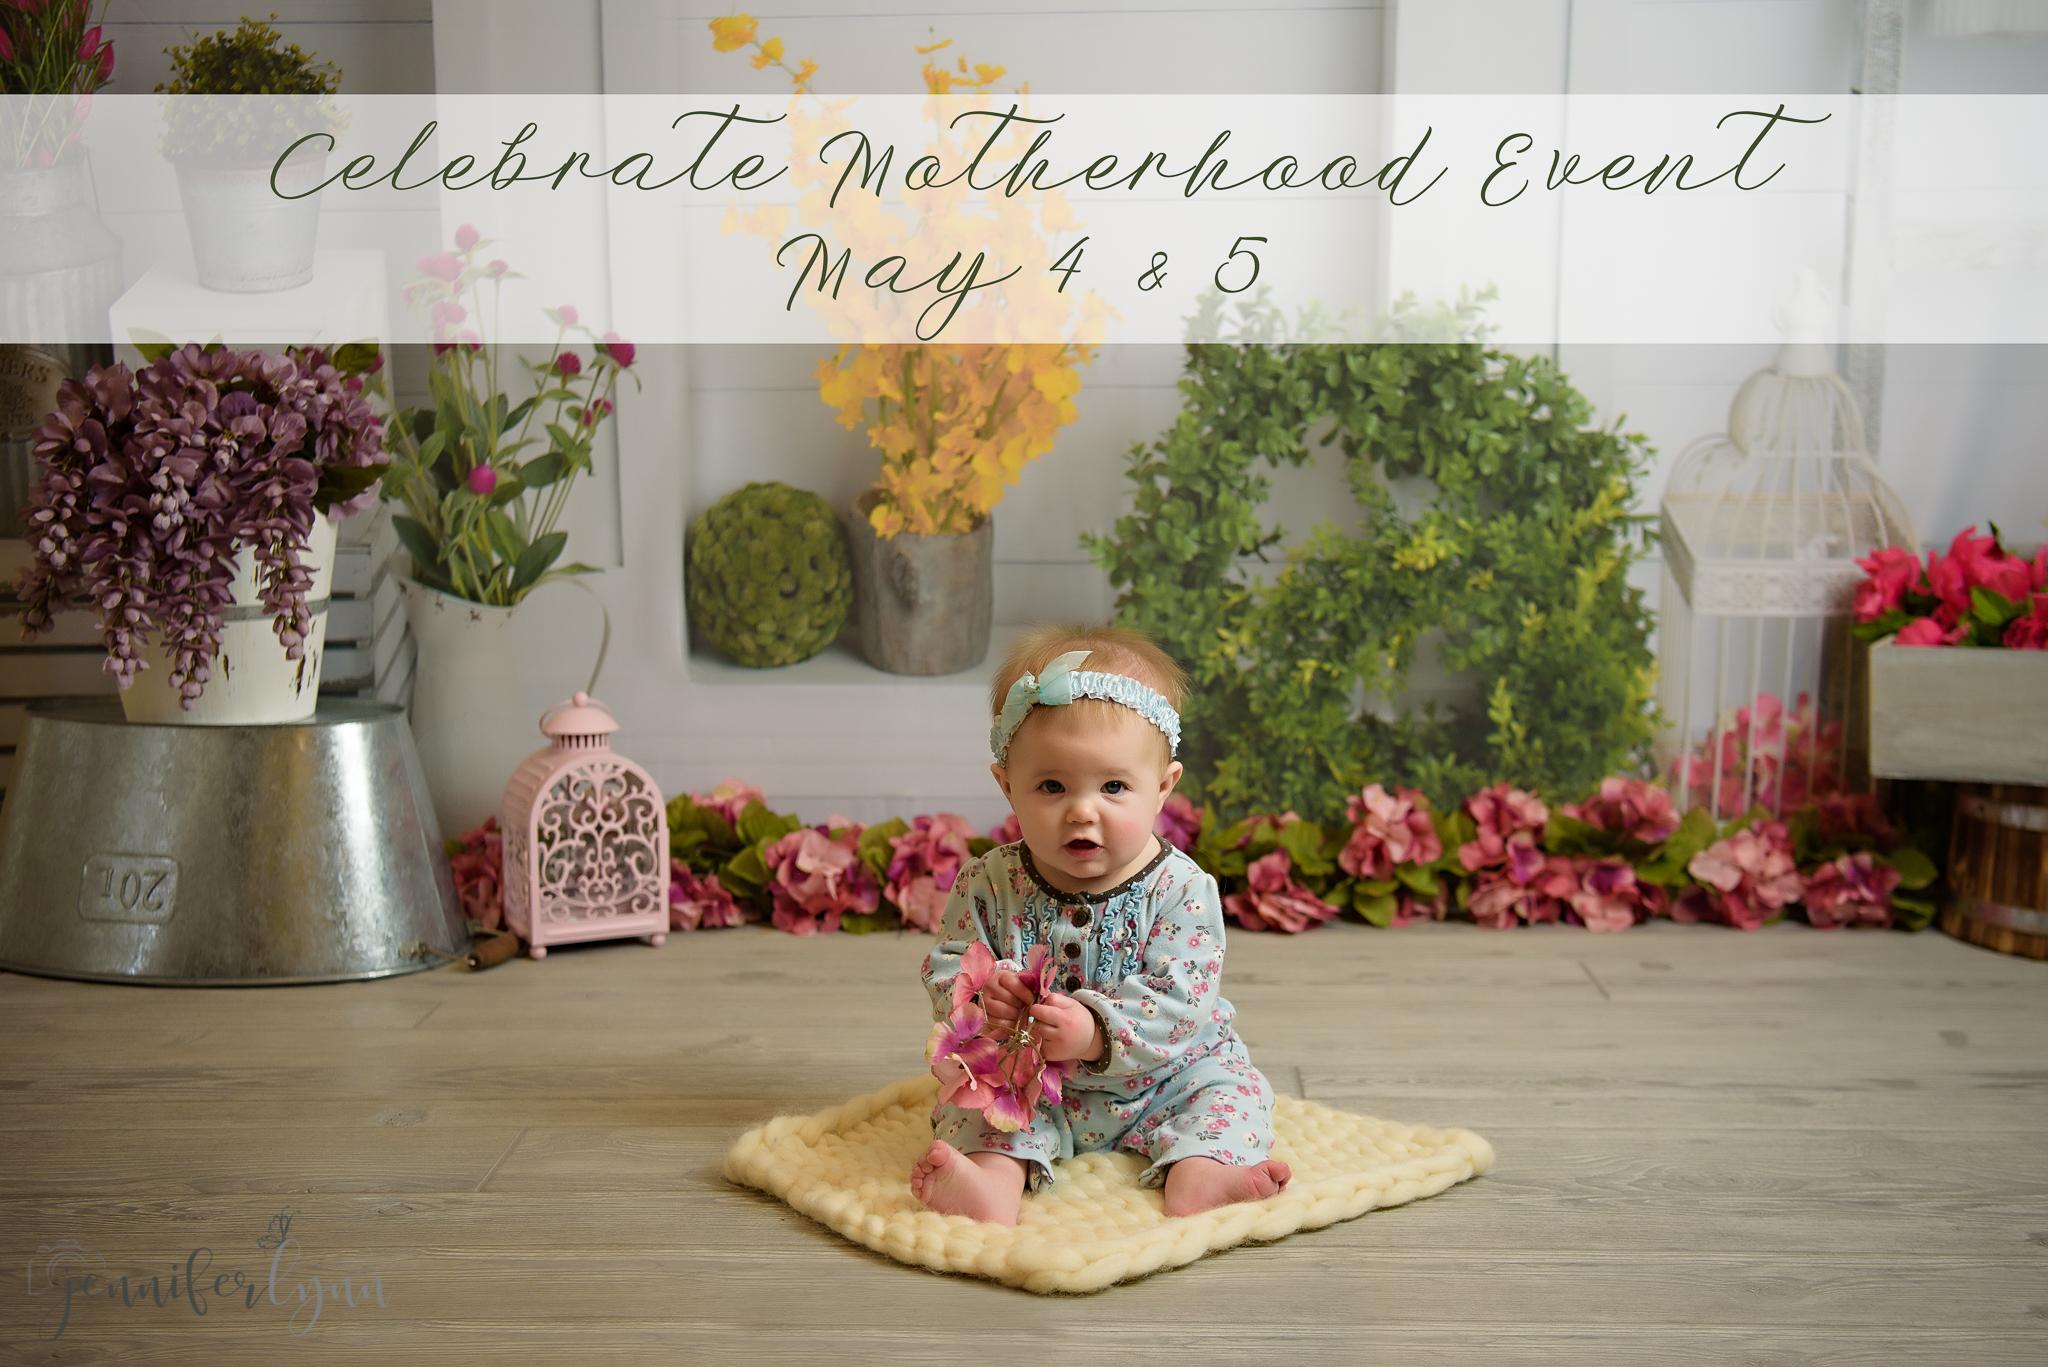 19-04_CelebrateMotherhood2019_014.jpg